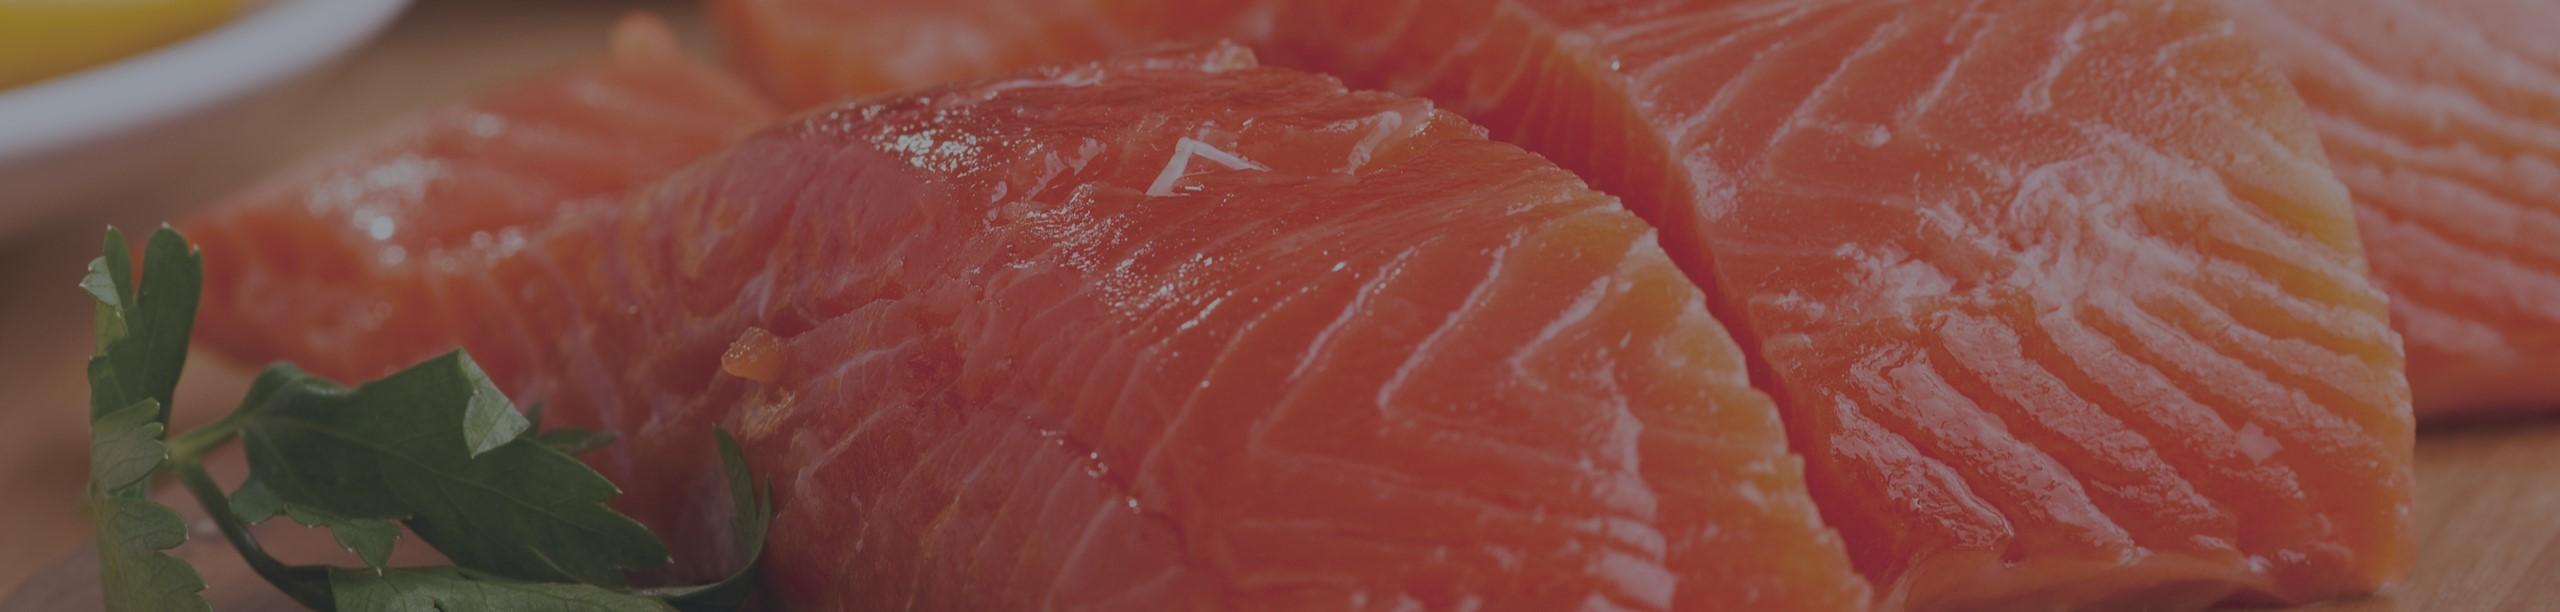 Salmon1-2